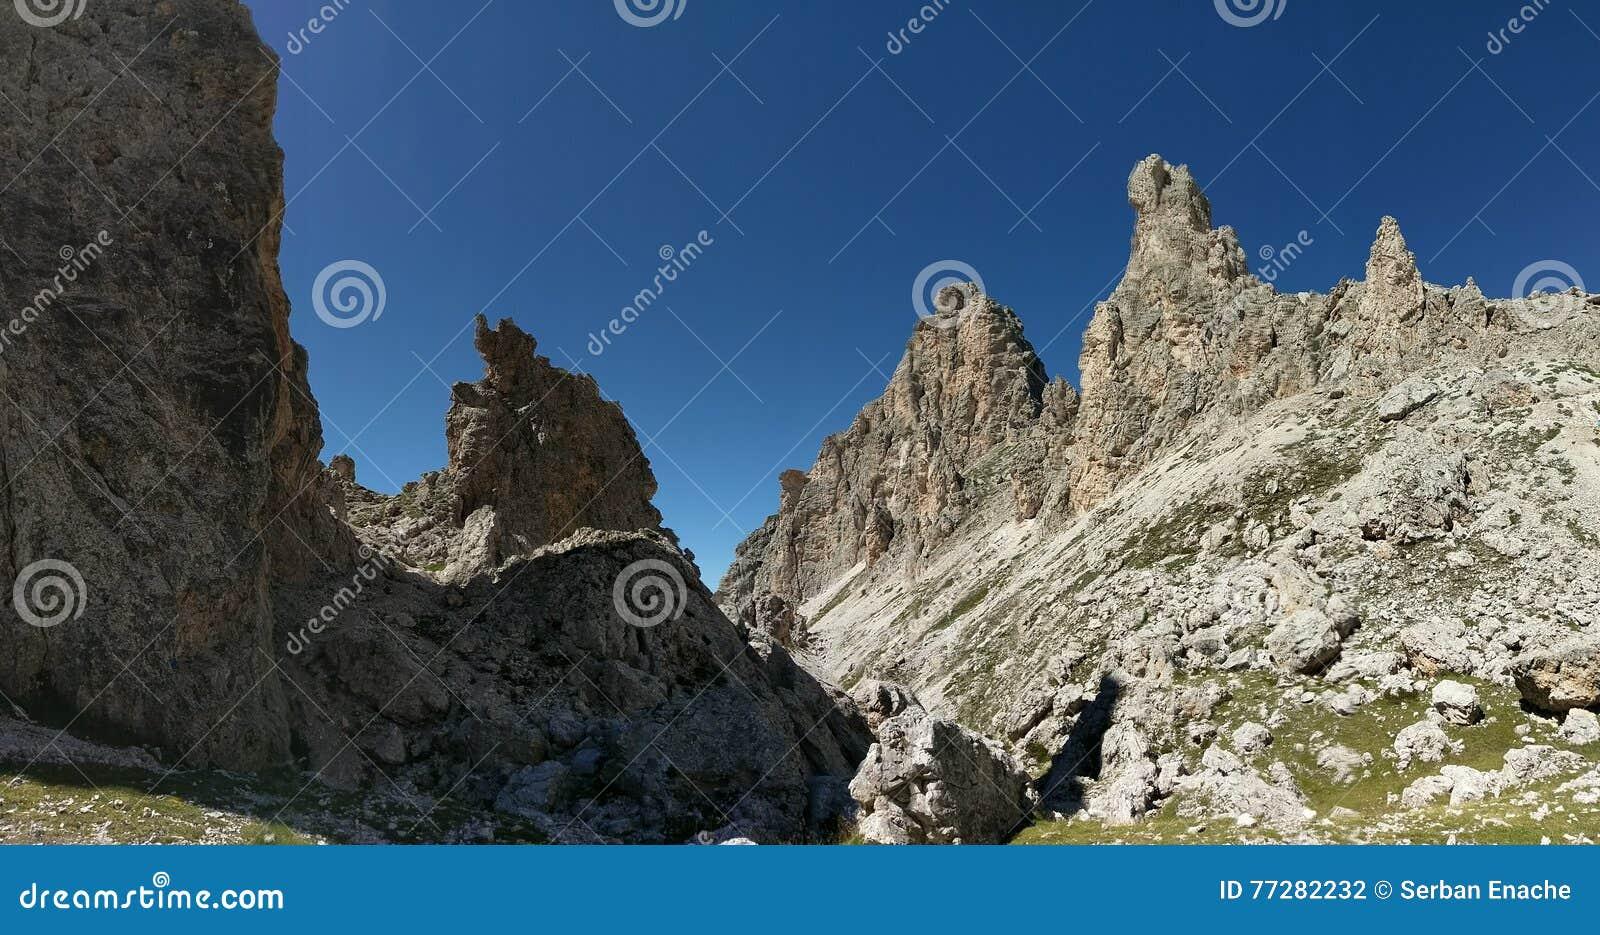 Halne granie przeciw niebieskim niebom, Pizes Di Cir, dolomity, Włochy